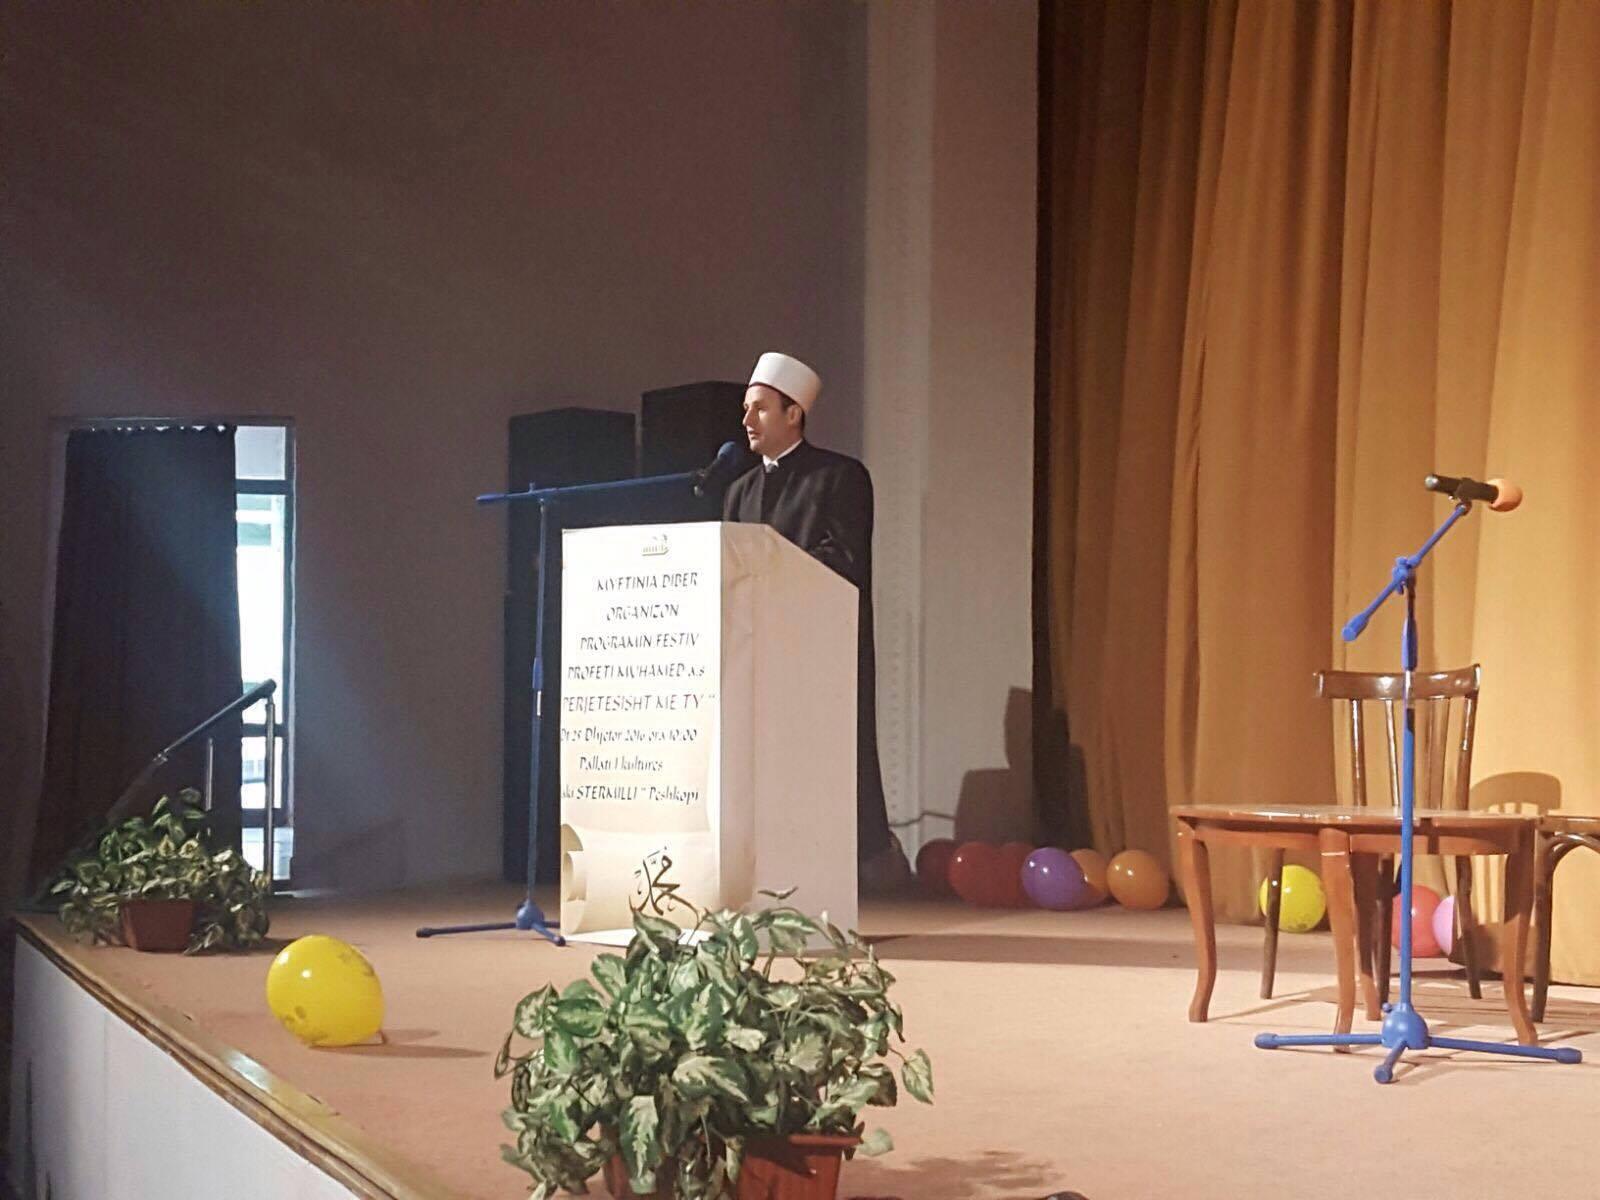 Myftinia e Dibrës, program në përkujtim të Profetit Muhamed a.s.